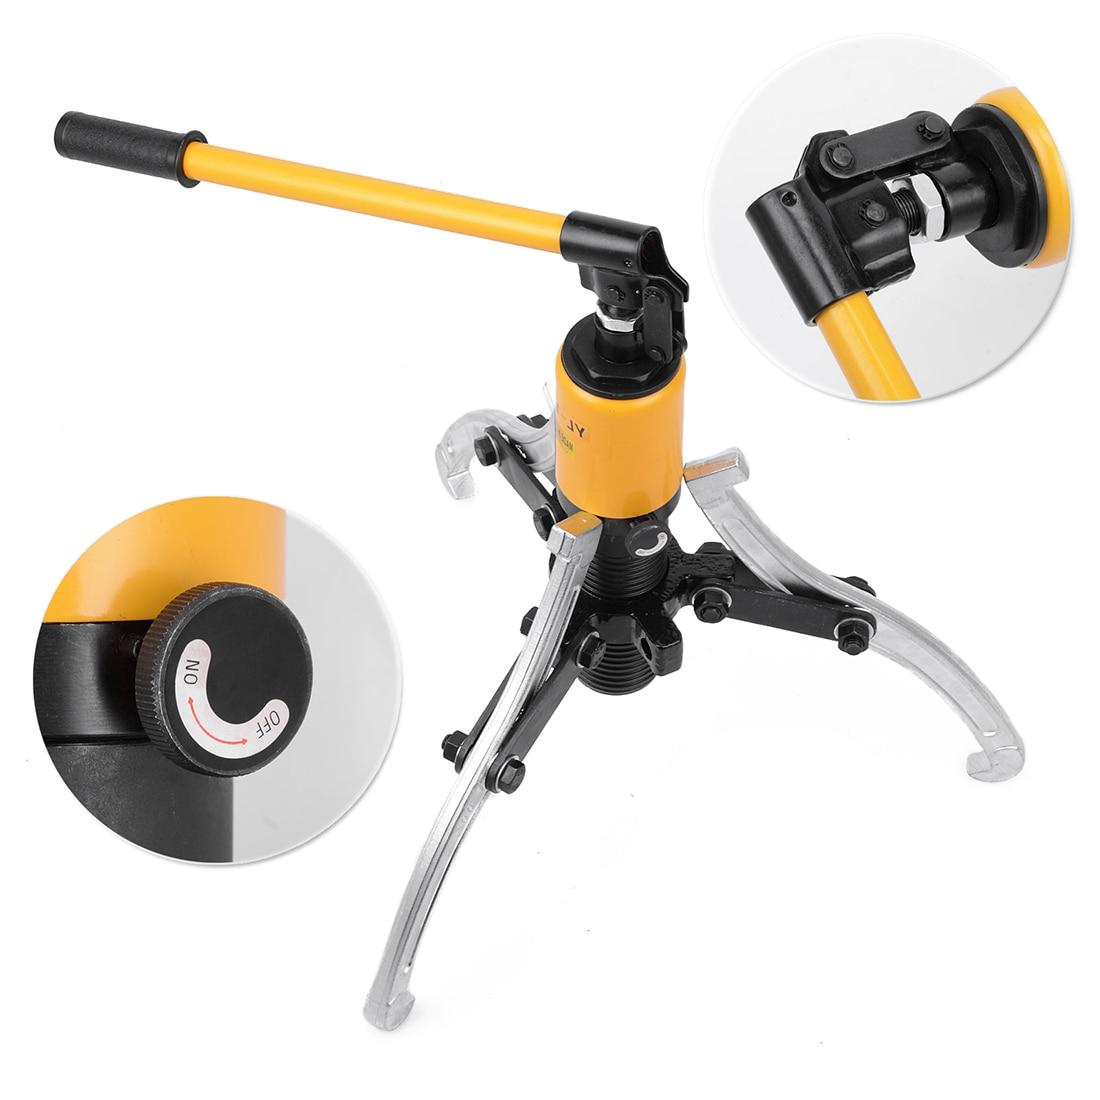 heavy duty t hidrulico prtico conjunto separador de rolamento da engrenagem extrator ferramenta hub kit mandbulas